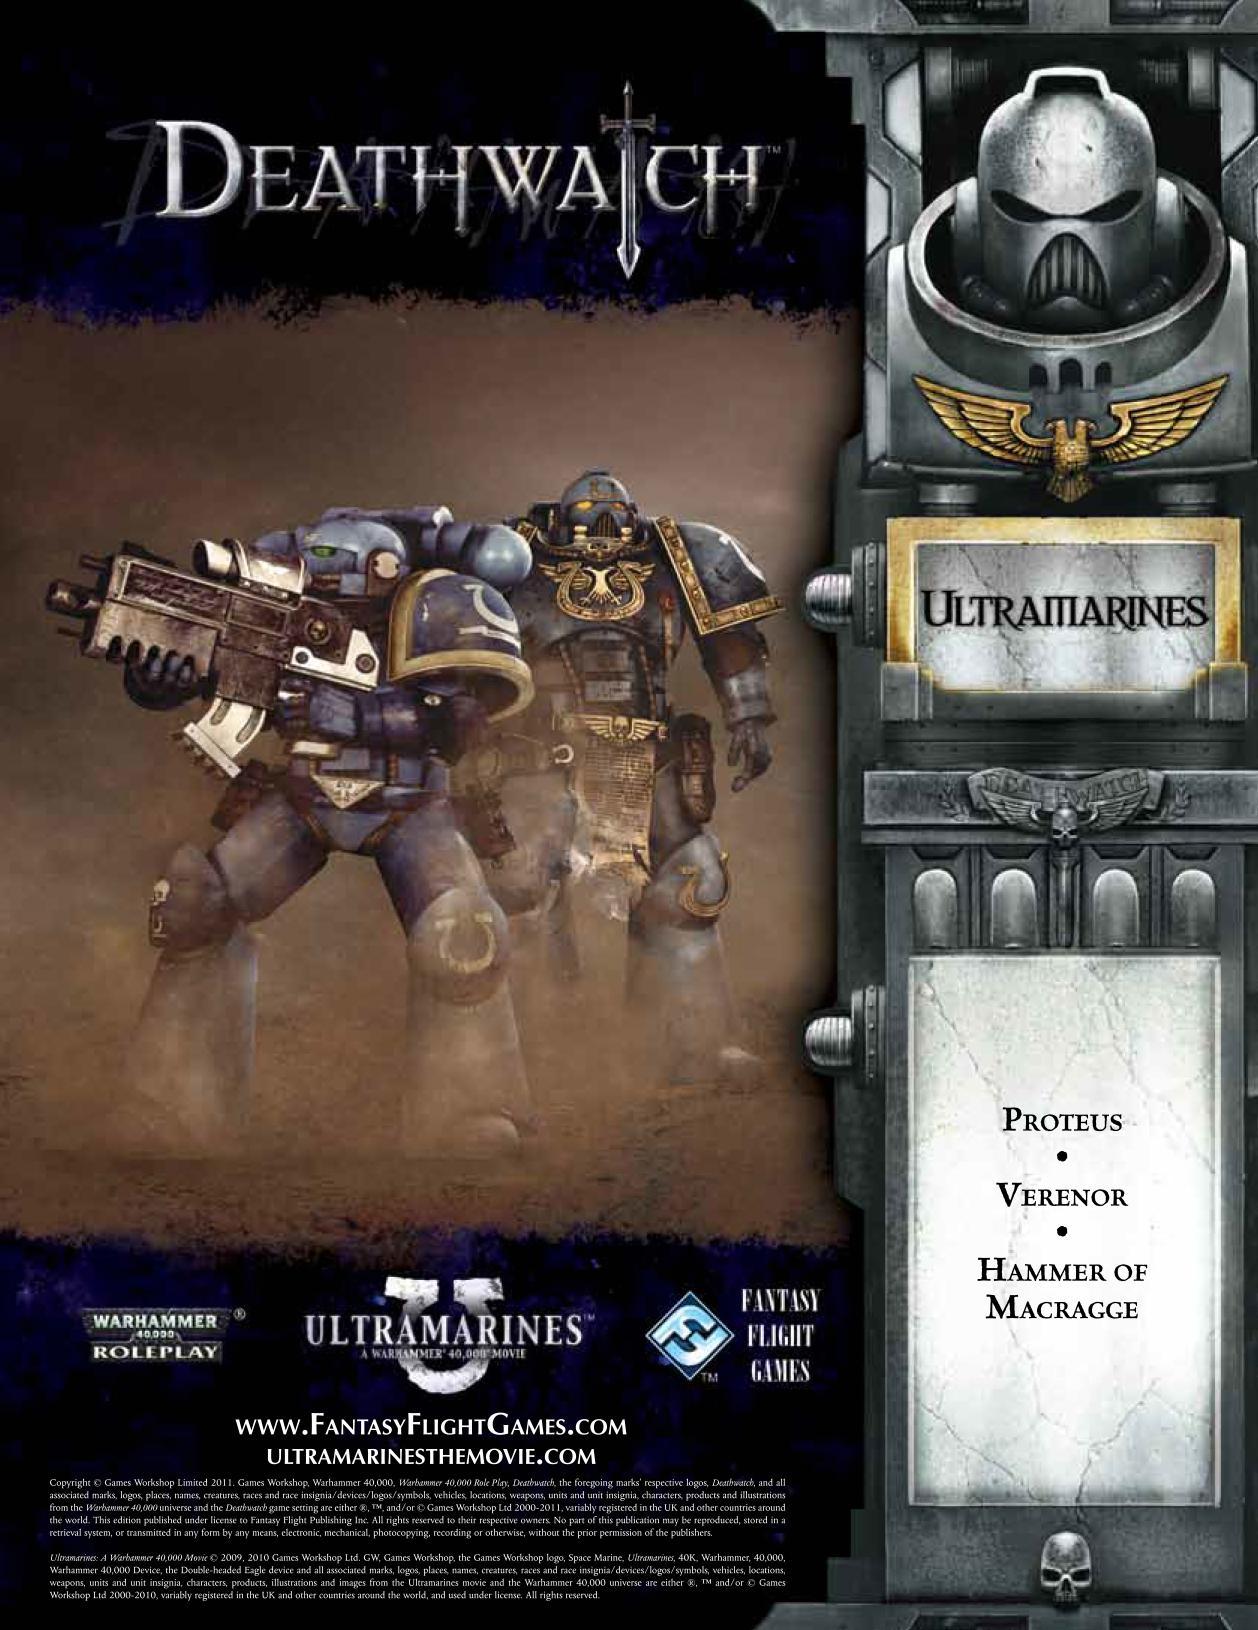 Deathwatch Ultramarines A Warhammer 40000 Movie Free Web